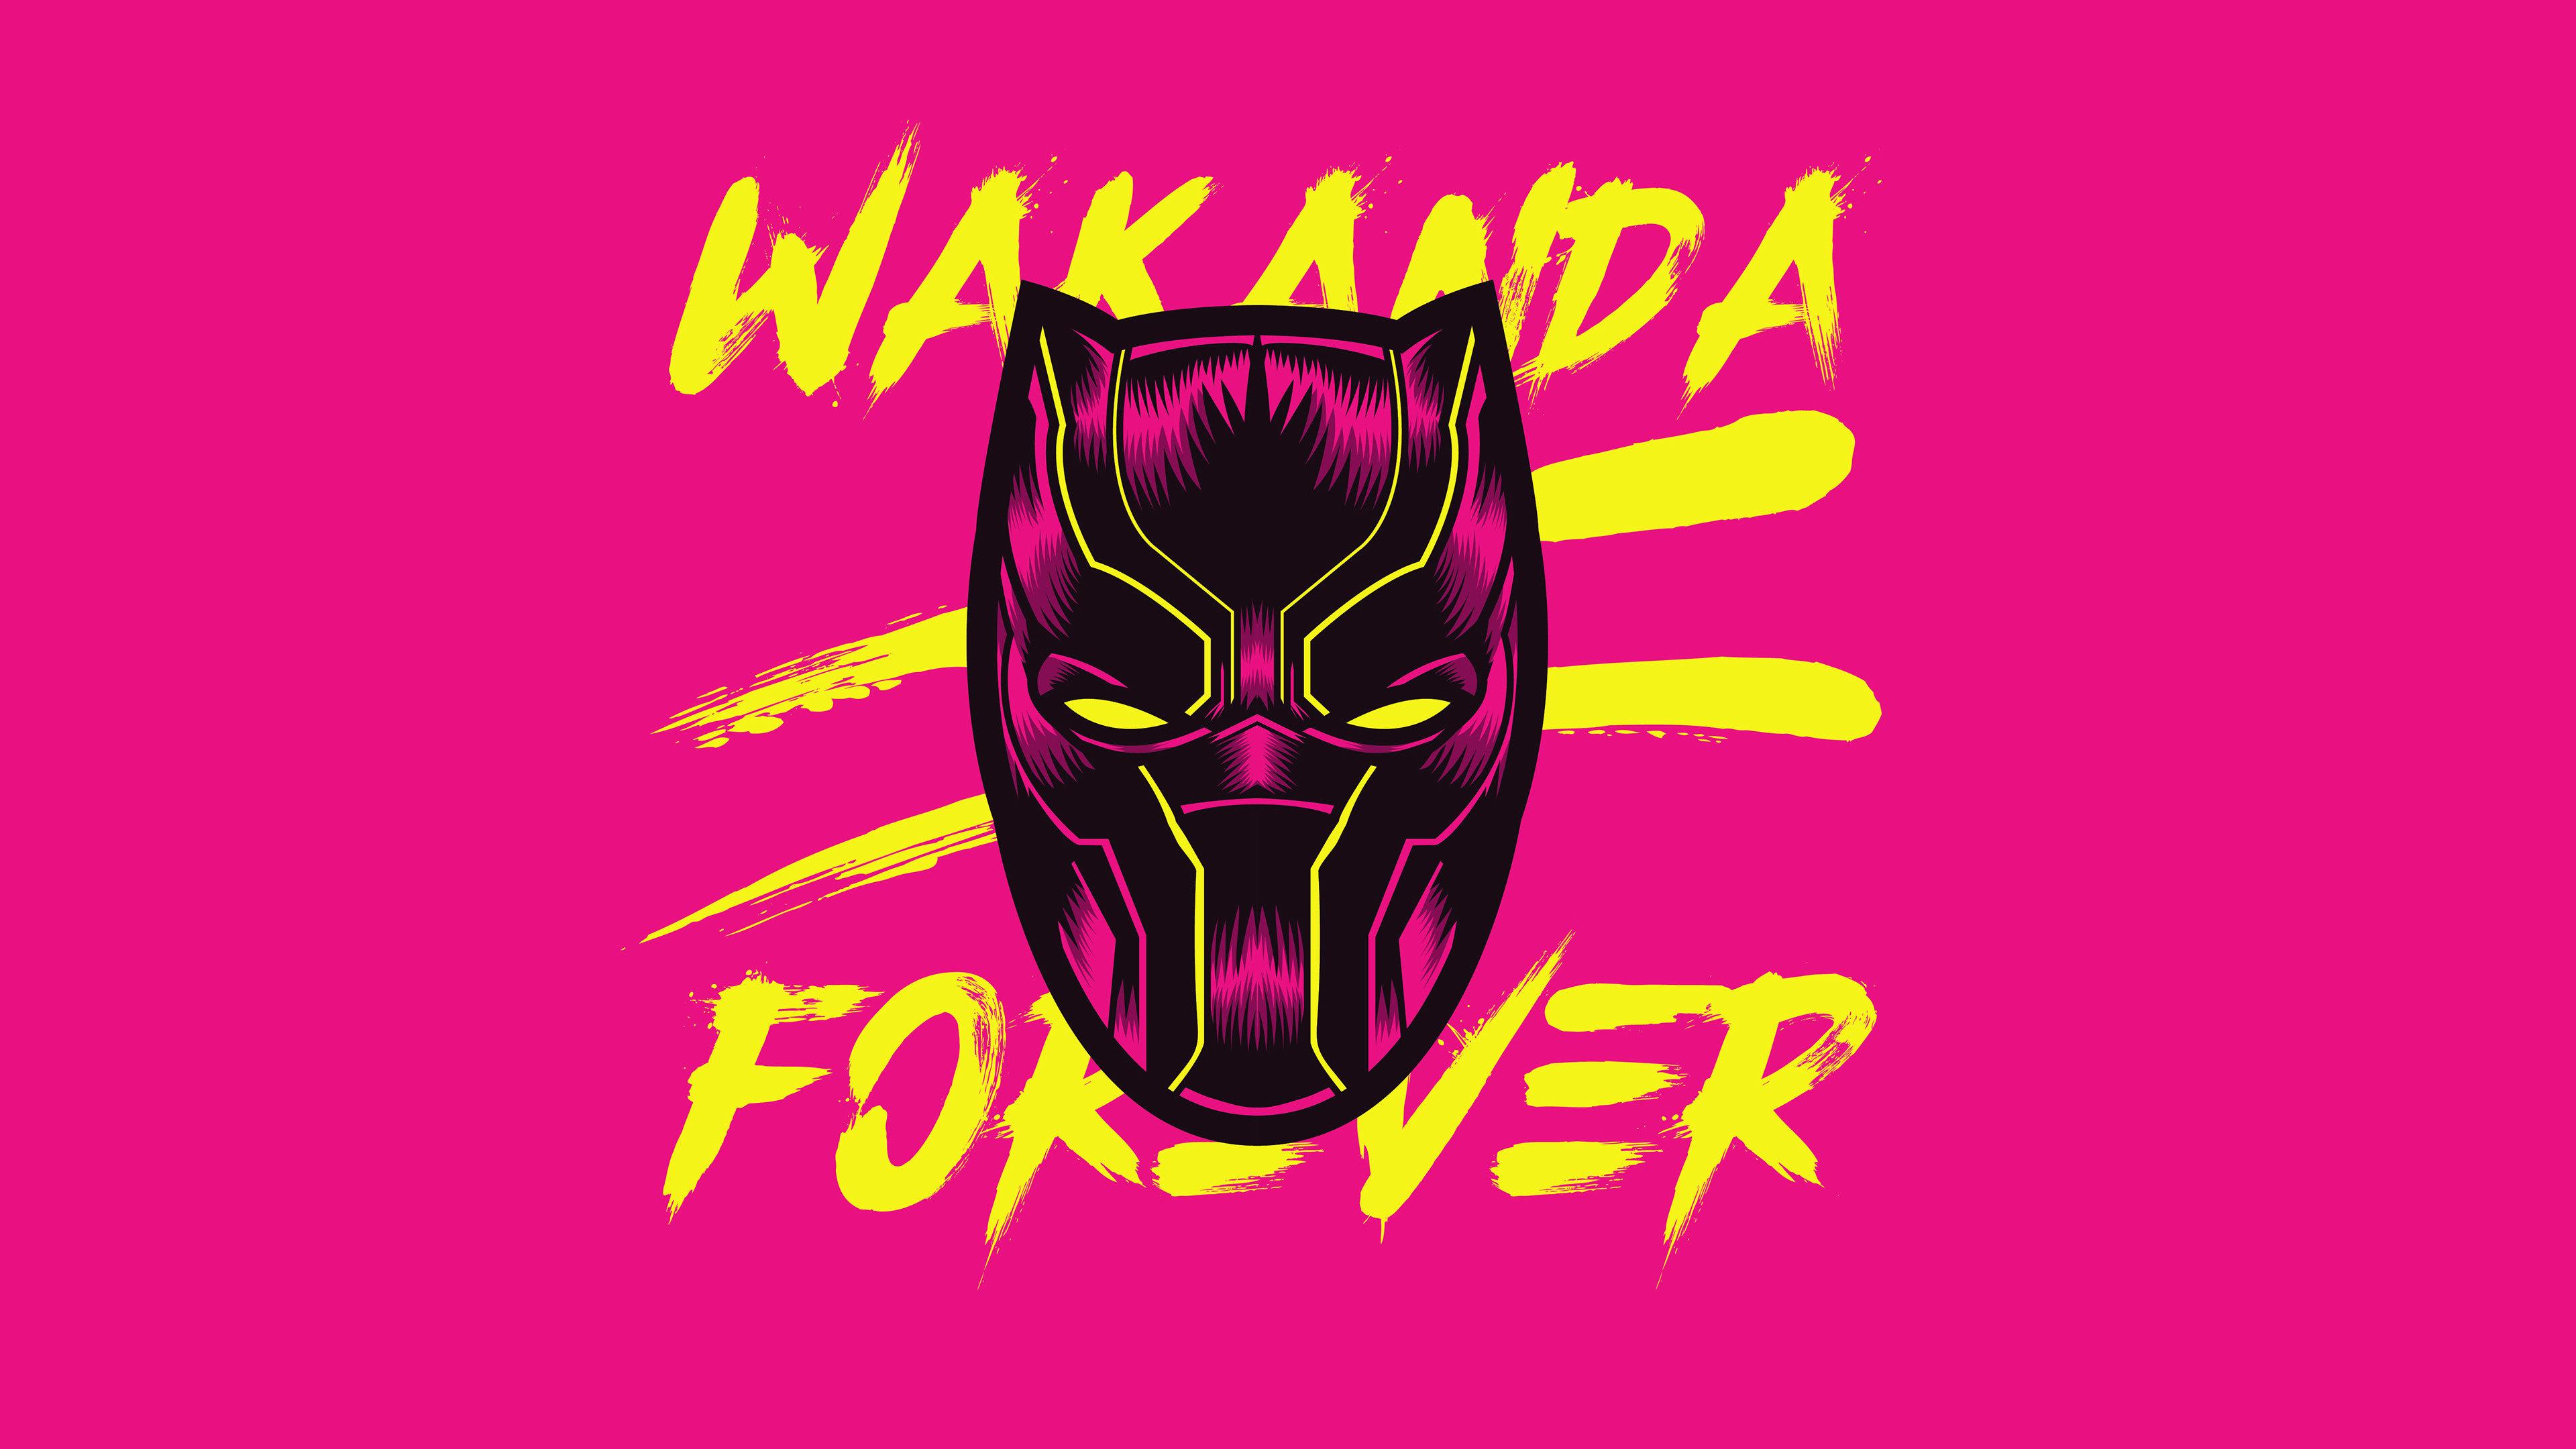 Black Panther Wakanda Forever Black Panther Wakanda Forever Wallpaper Hd 3840x2160 Download Hd Wallpaper Wallpapertip